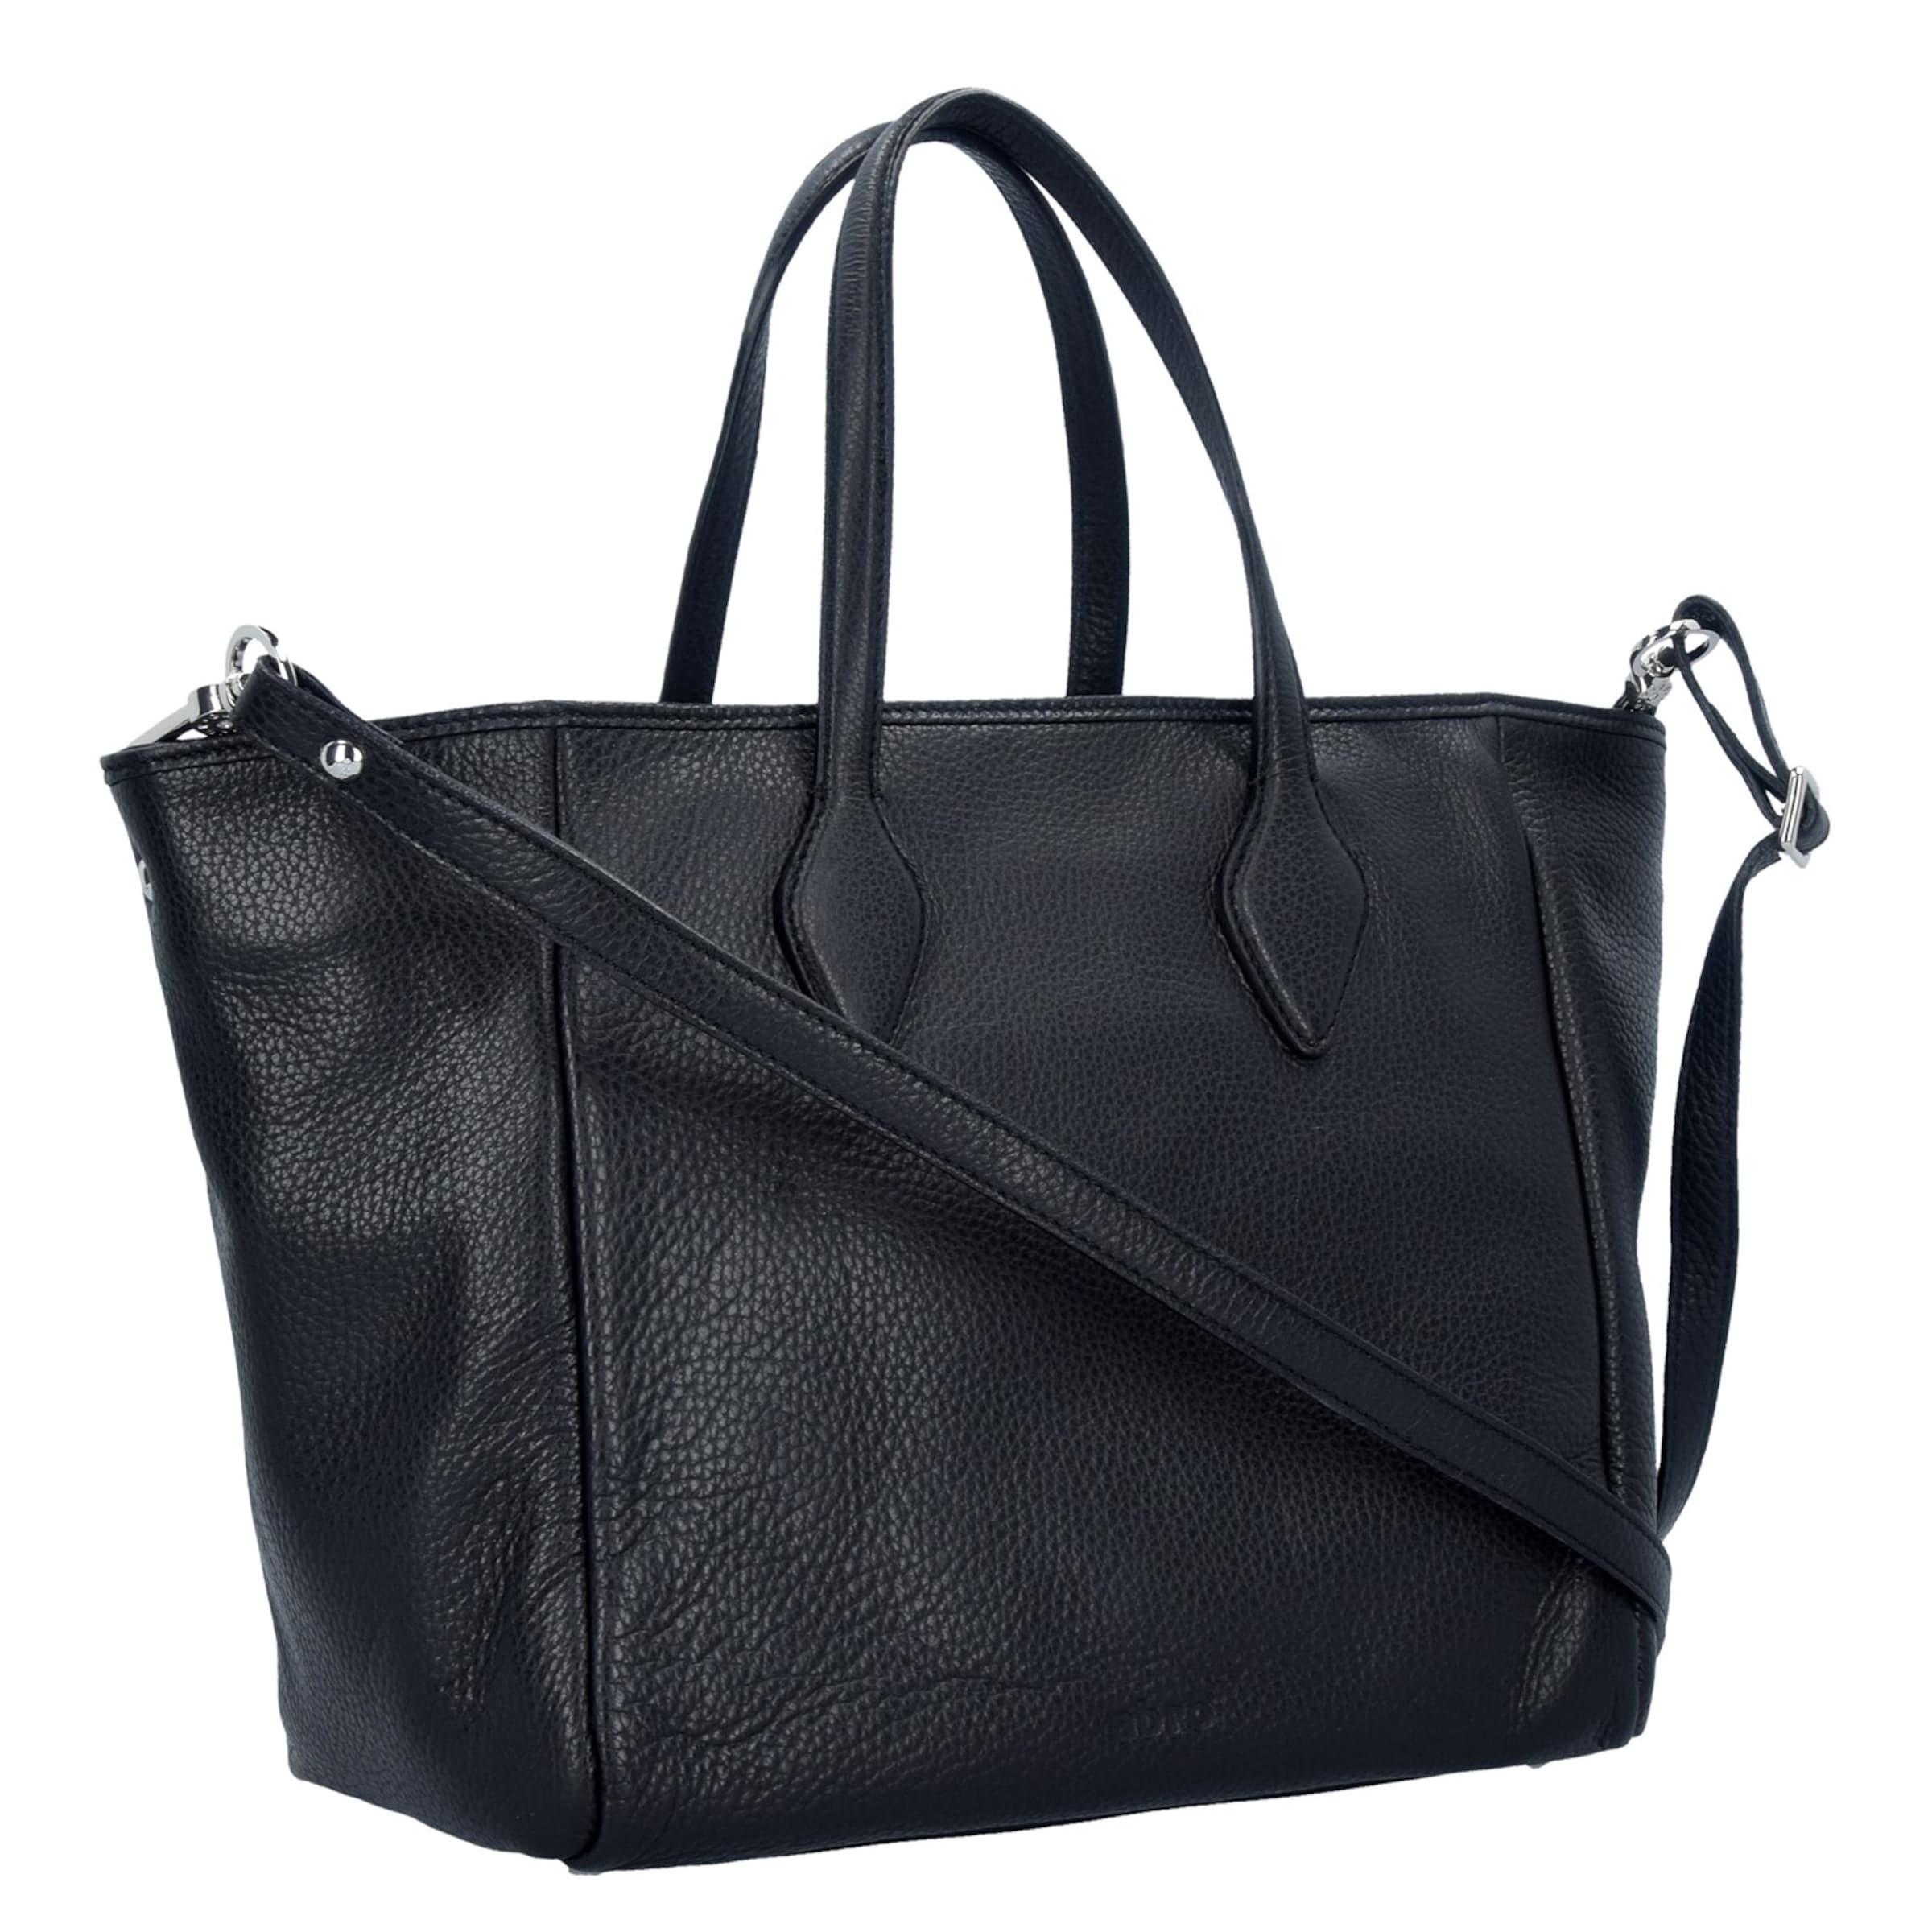 Steckdose Zahlen Mit Paypal ABRO Adria Handtasche Leder 30 cm Outlet Neuesten Kollektionen Wie Viel Steckdose Echte vP5Md1ZqAf